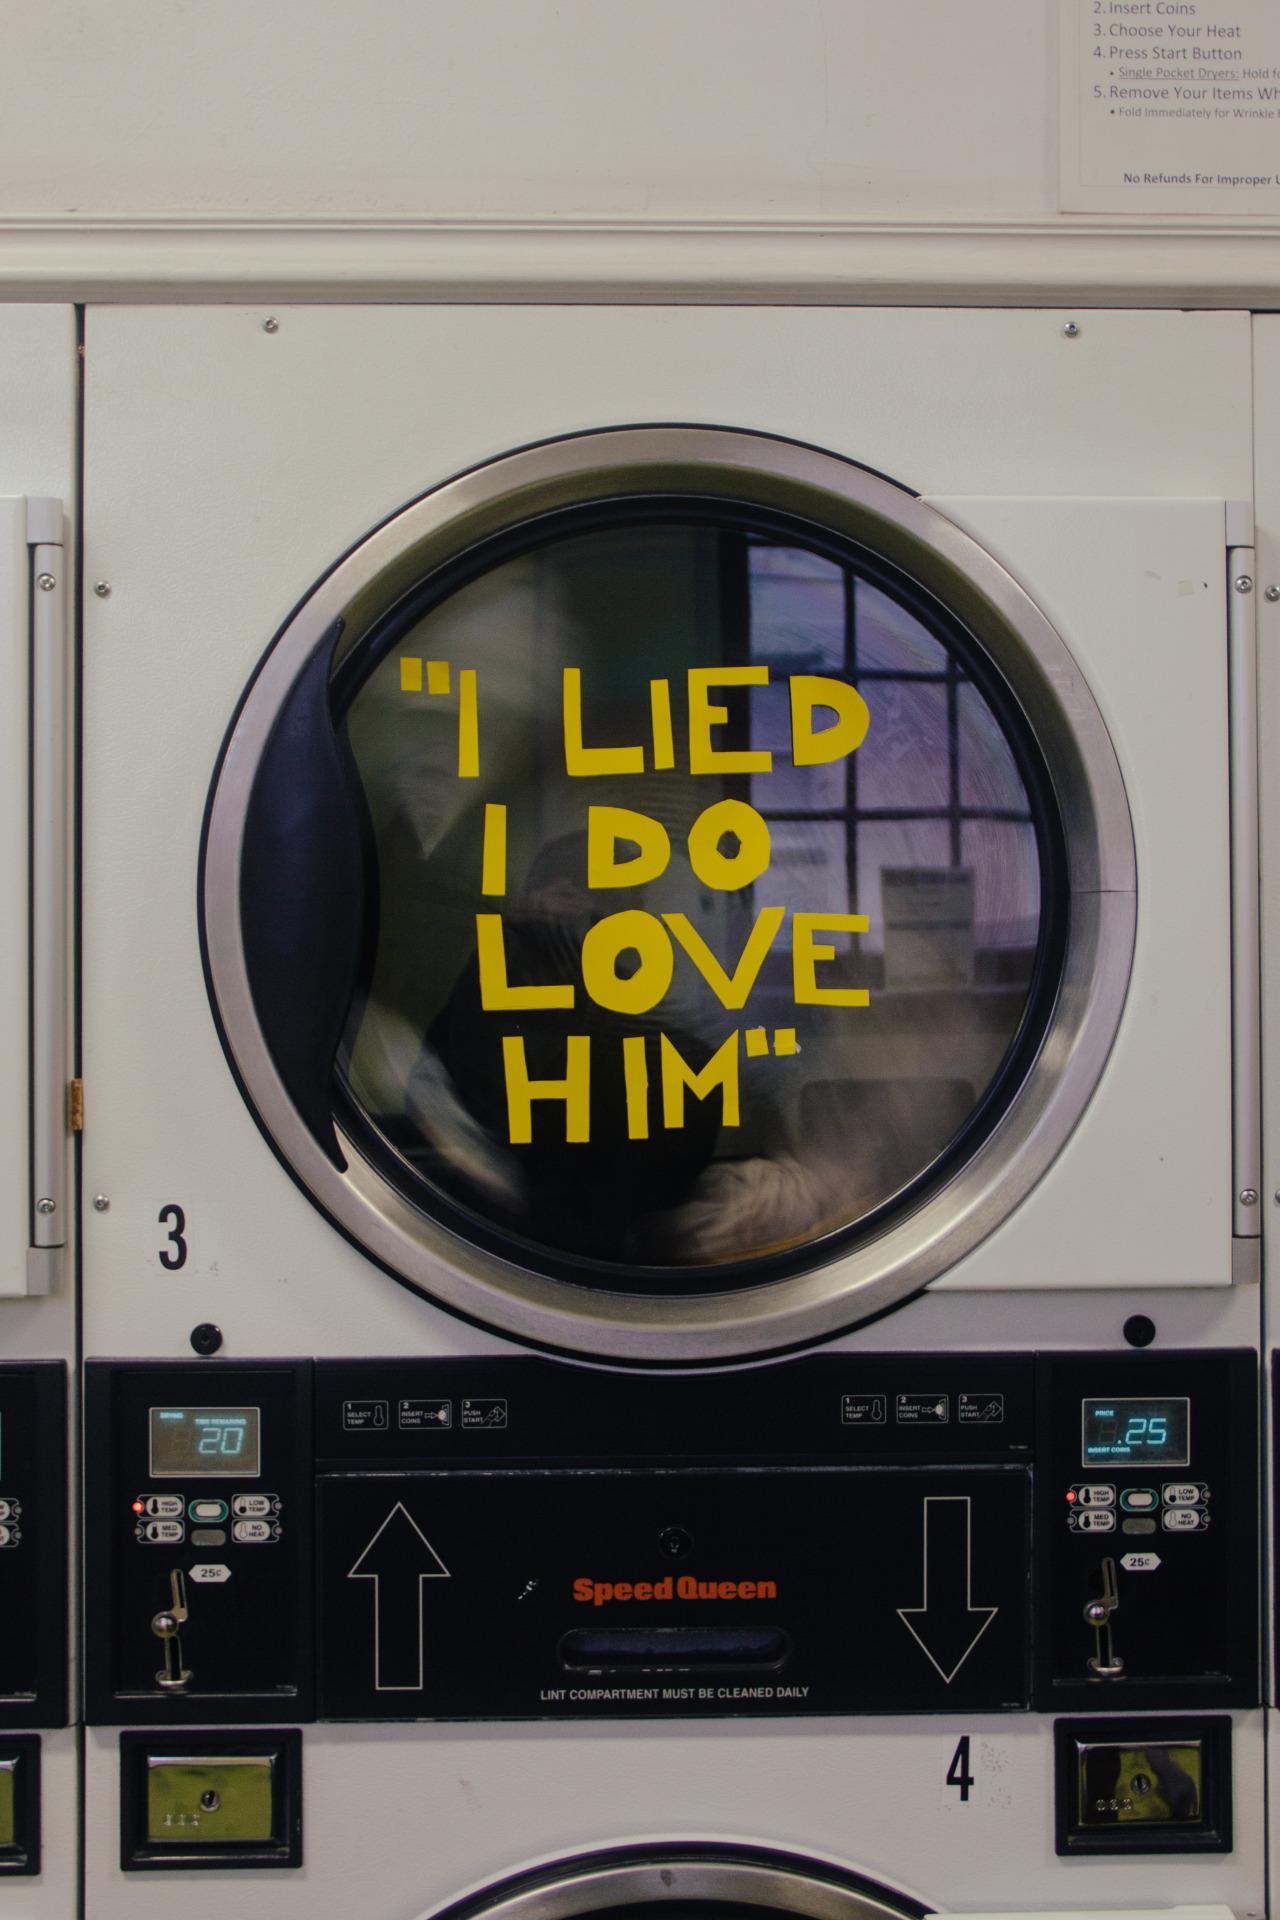 שיקרתי, אני כן אוהבת אותו